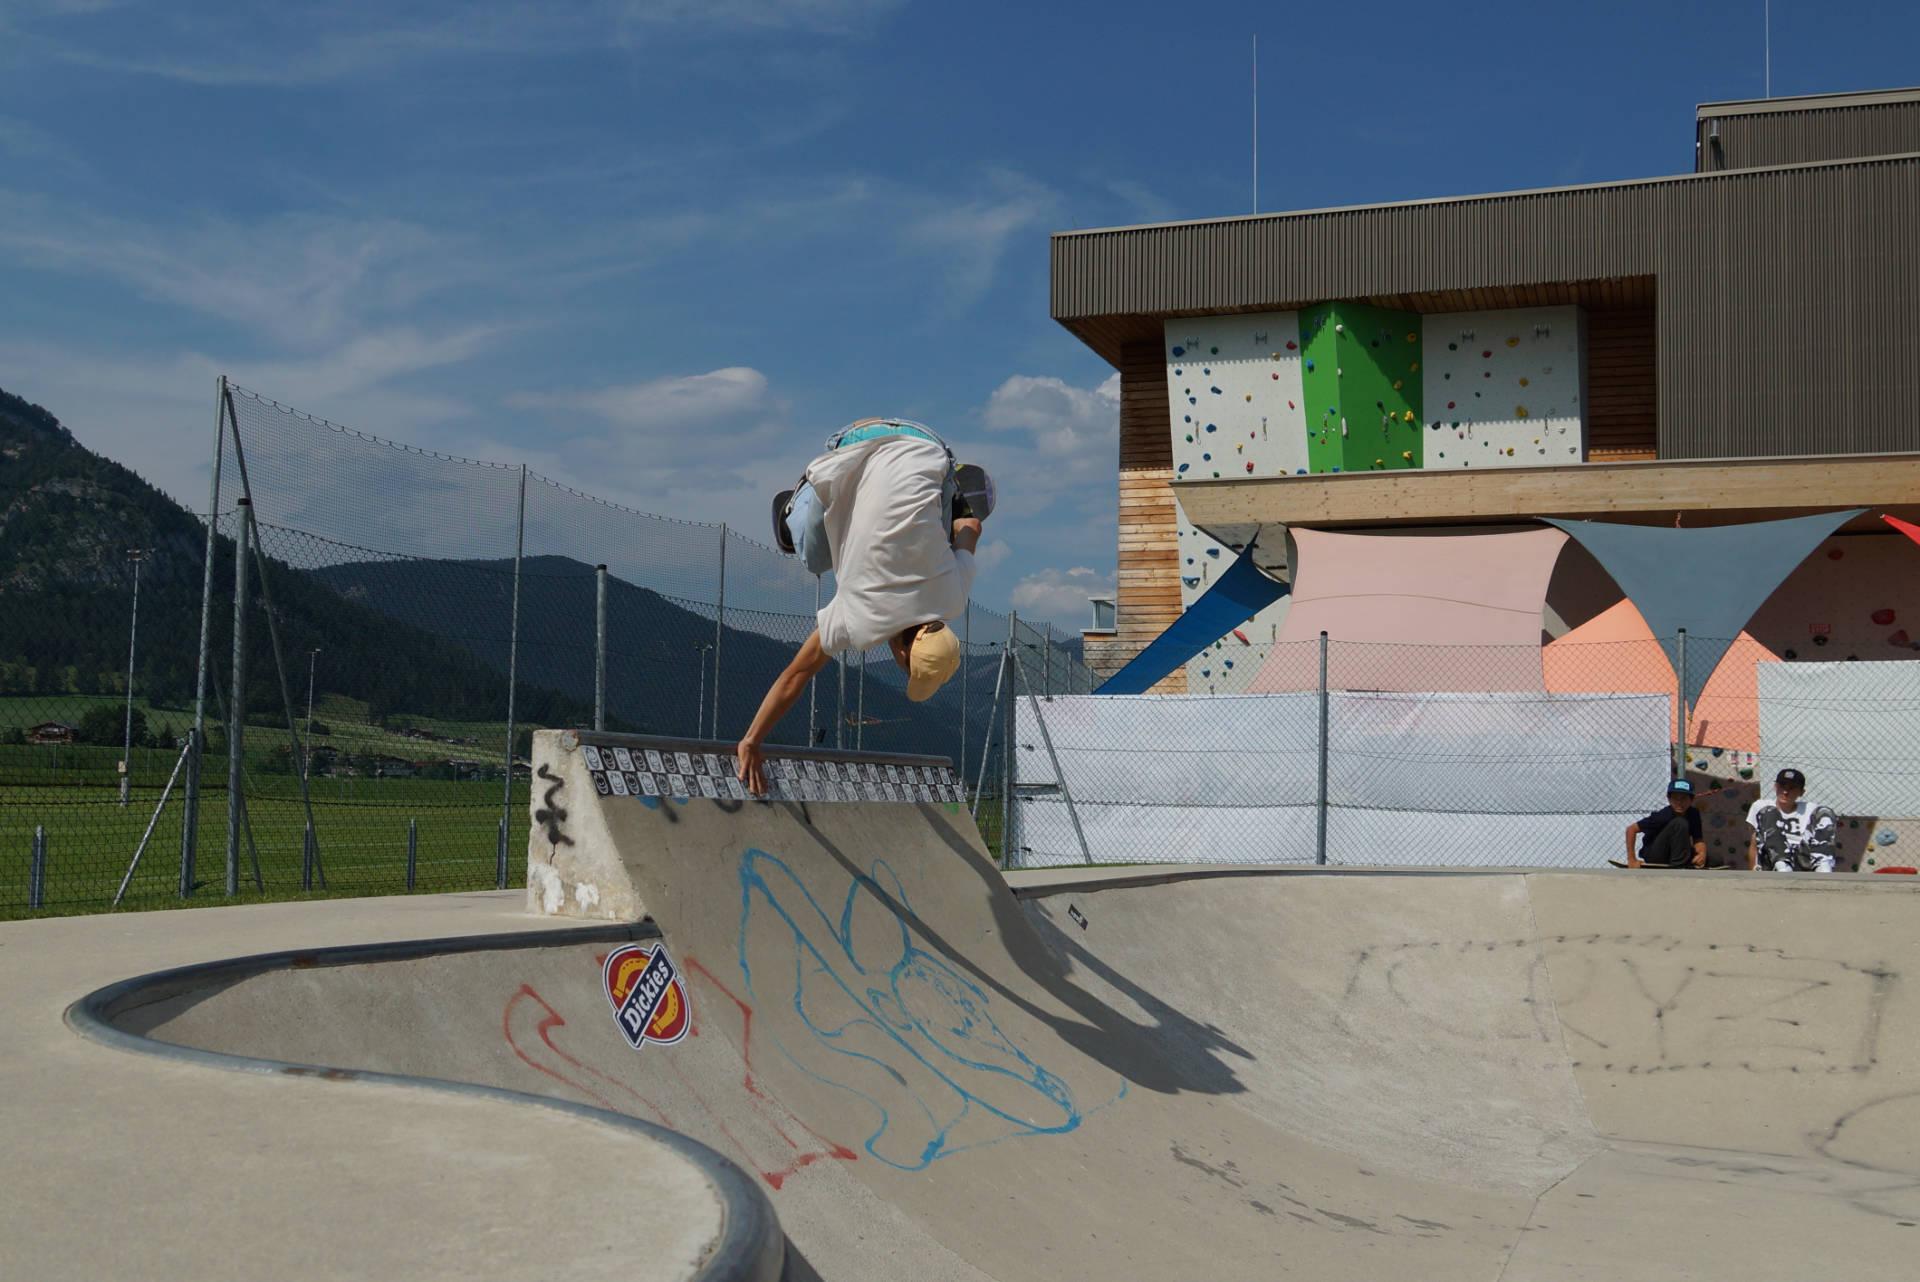 skateboardheadz st johann in tirol kgt 2019 finale 00060